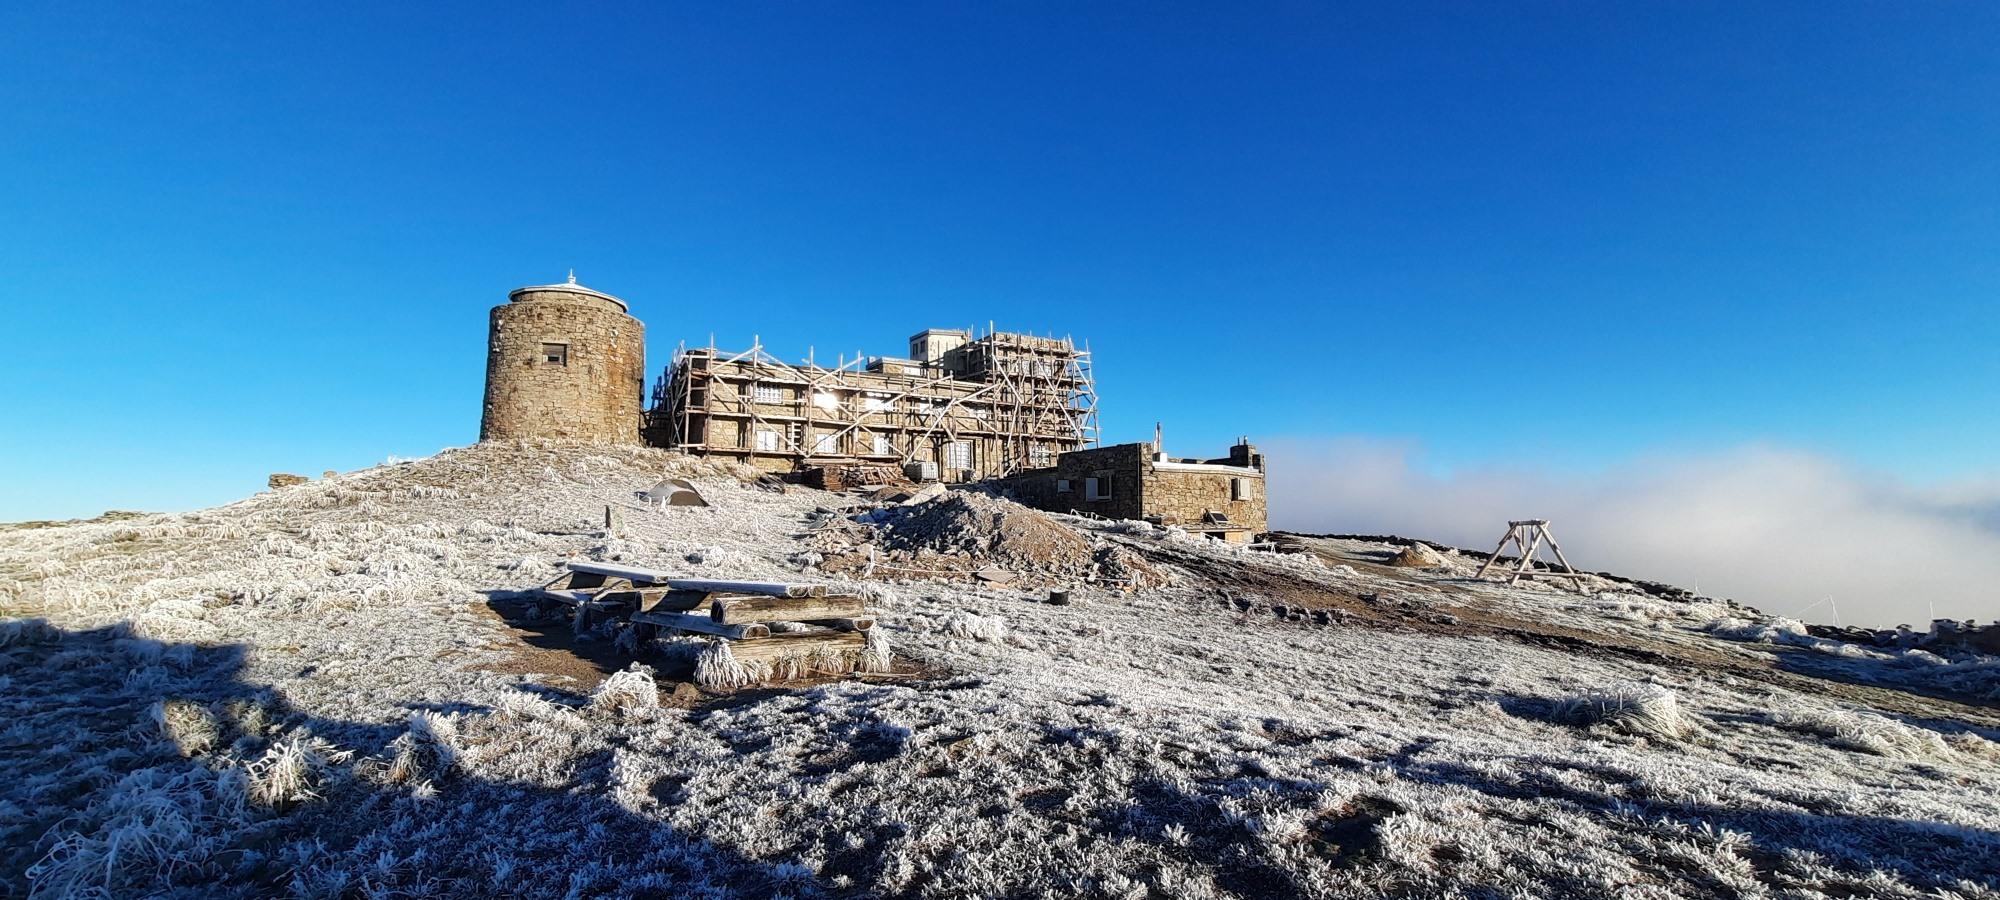 В Карпатах мороз: на горе Поп Иван температура воздуха опустилась до -6 ° С - фото 2